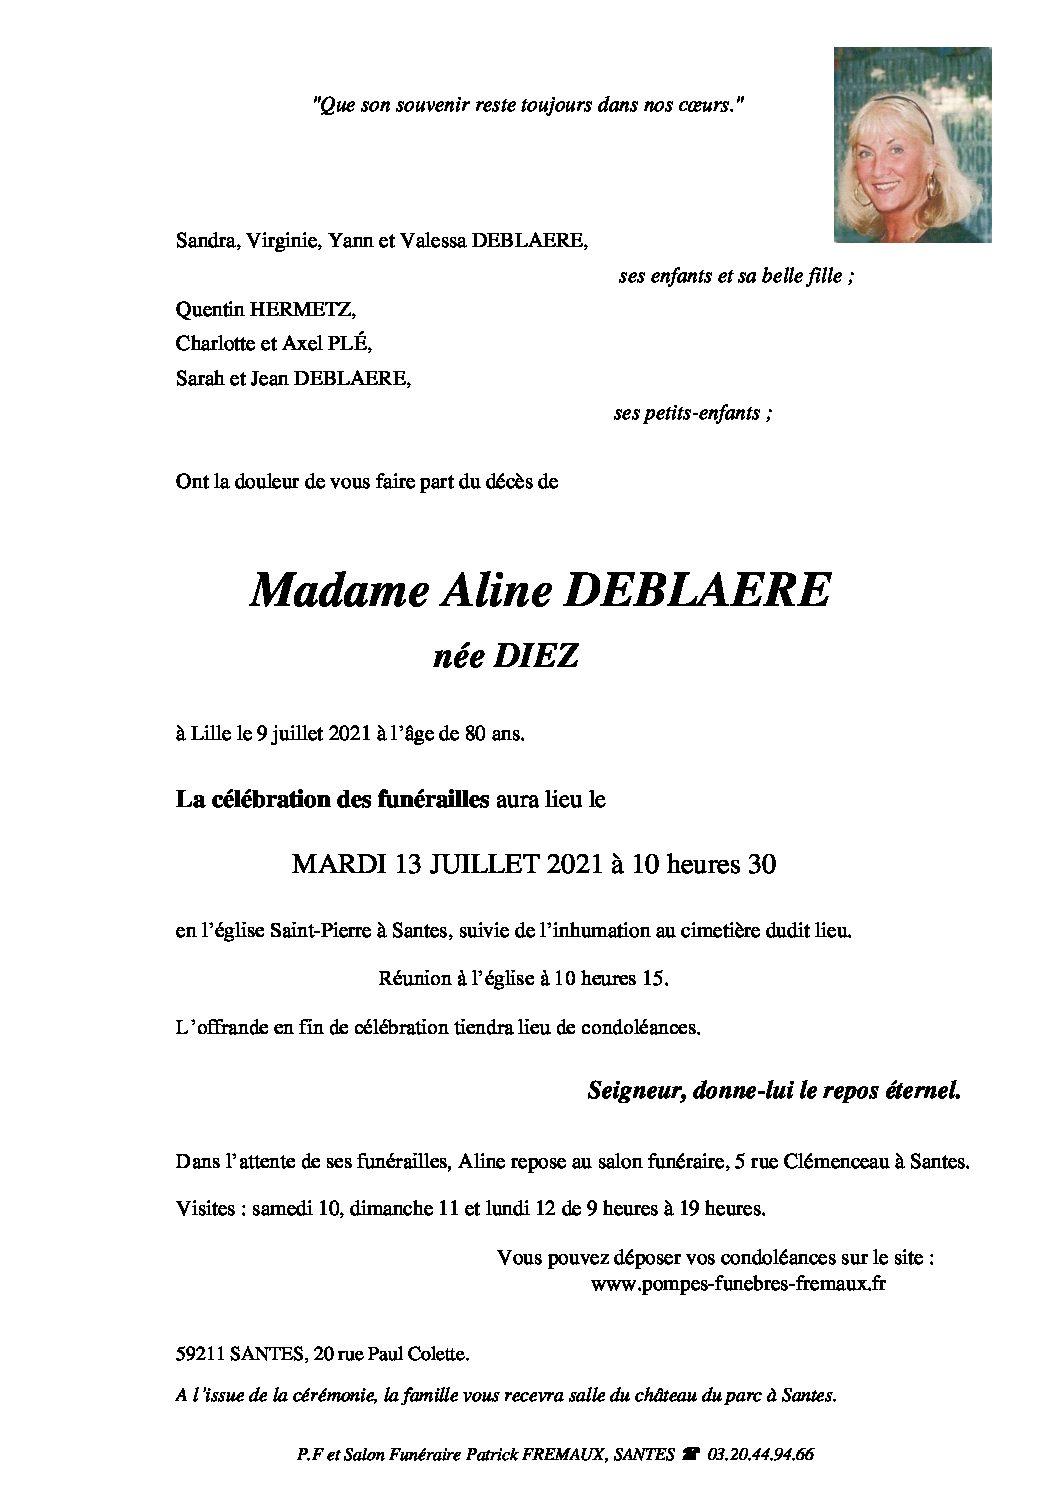 Madame Aline DEBLAERE née DIEZ